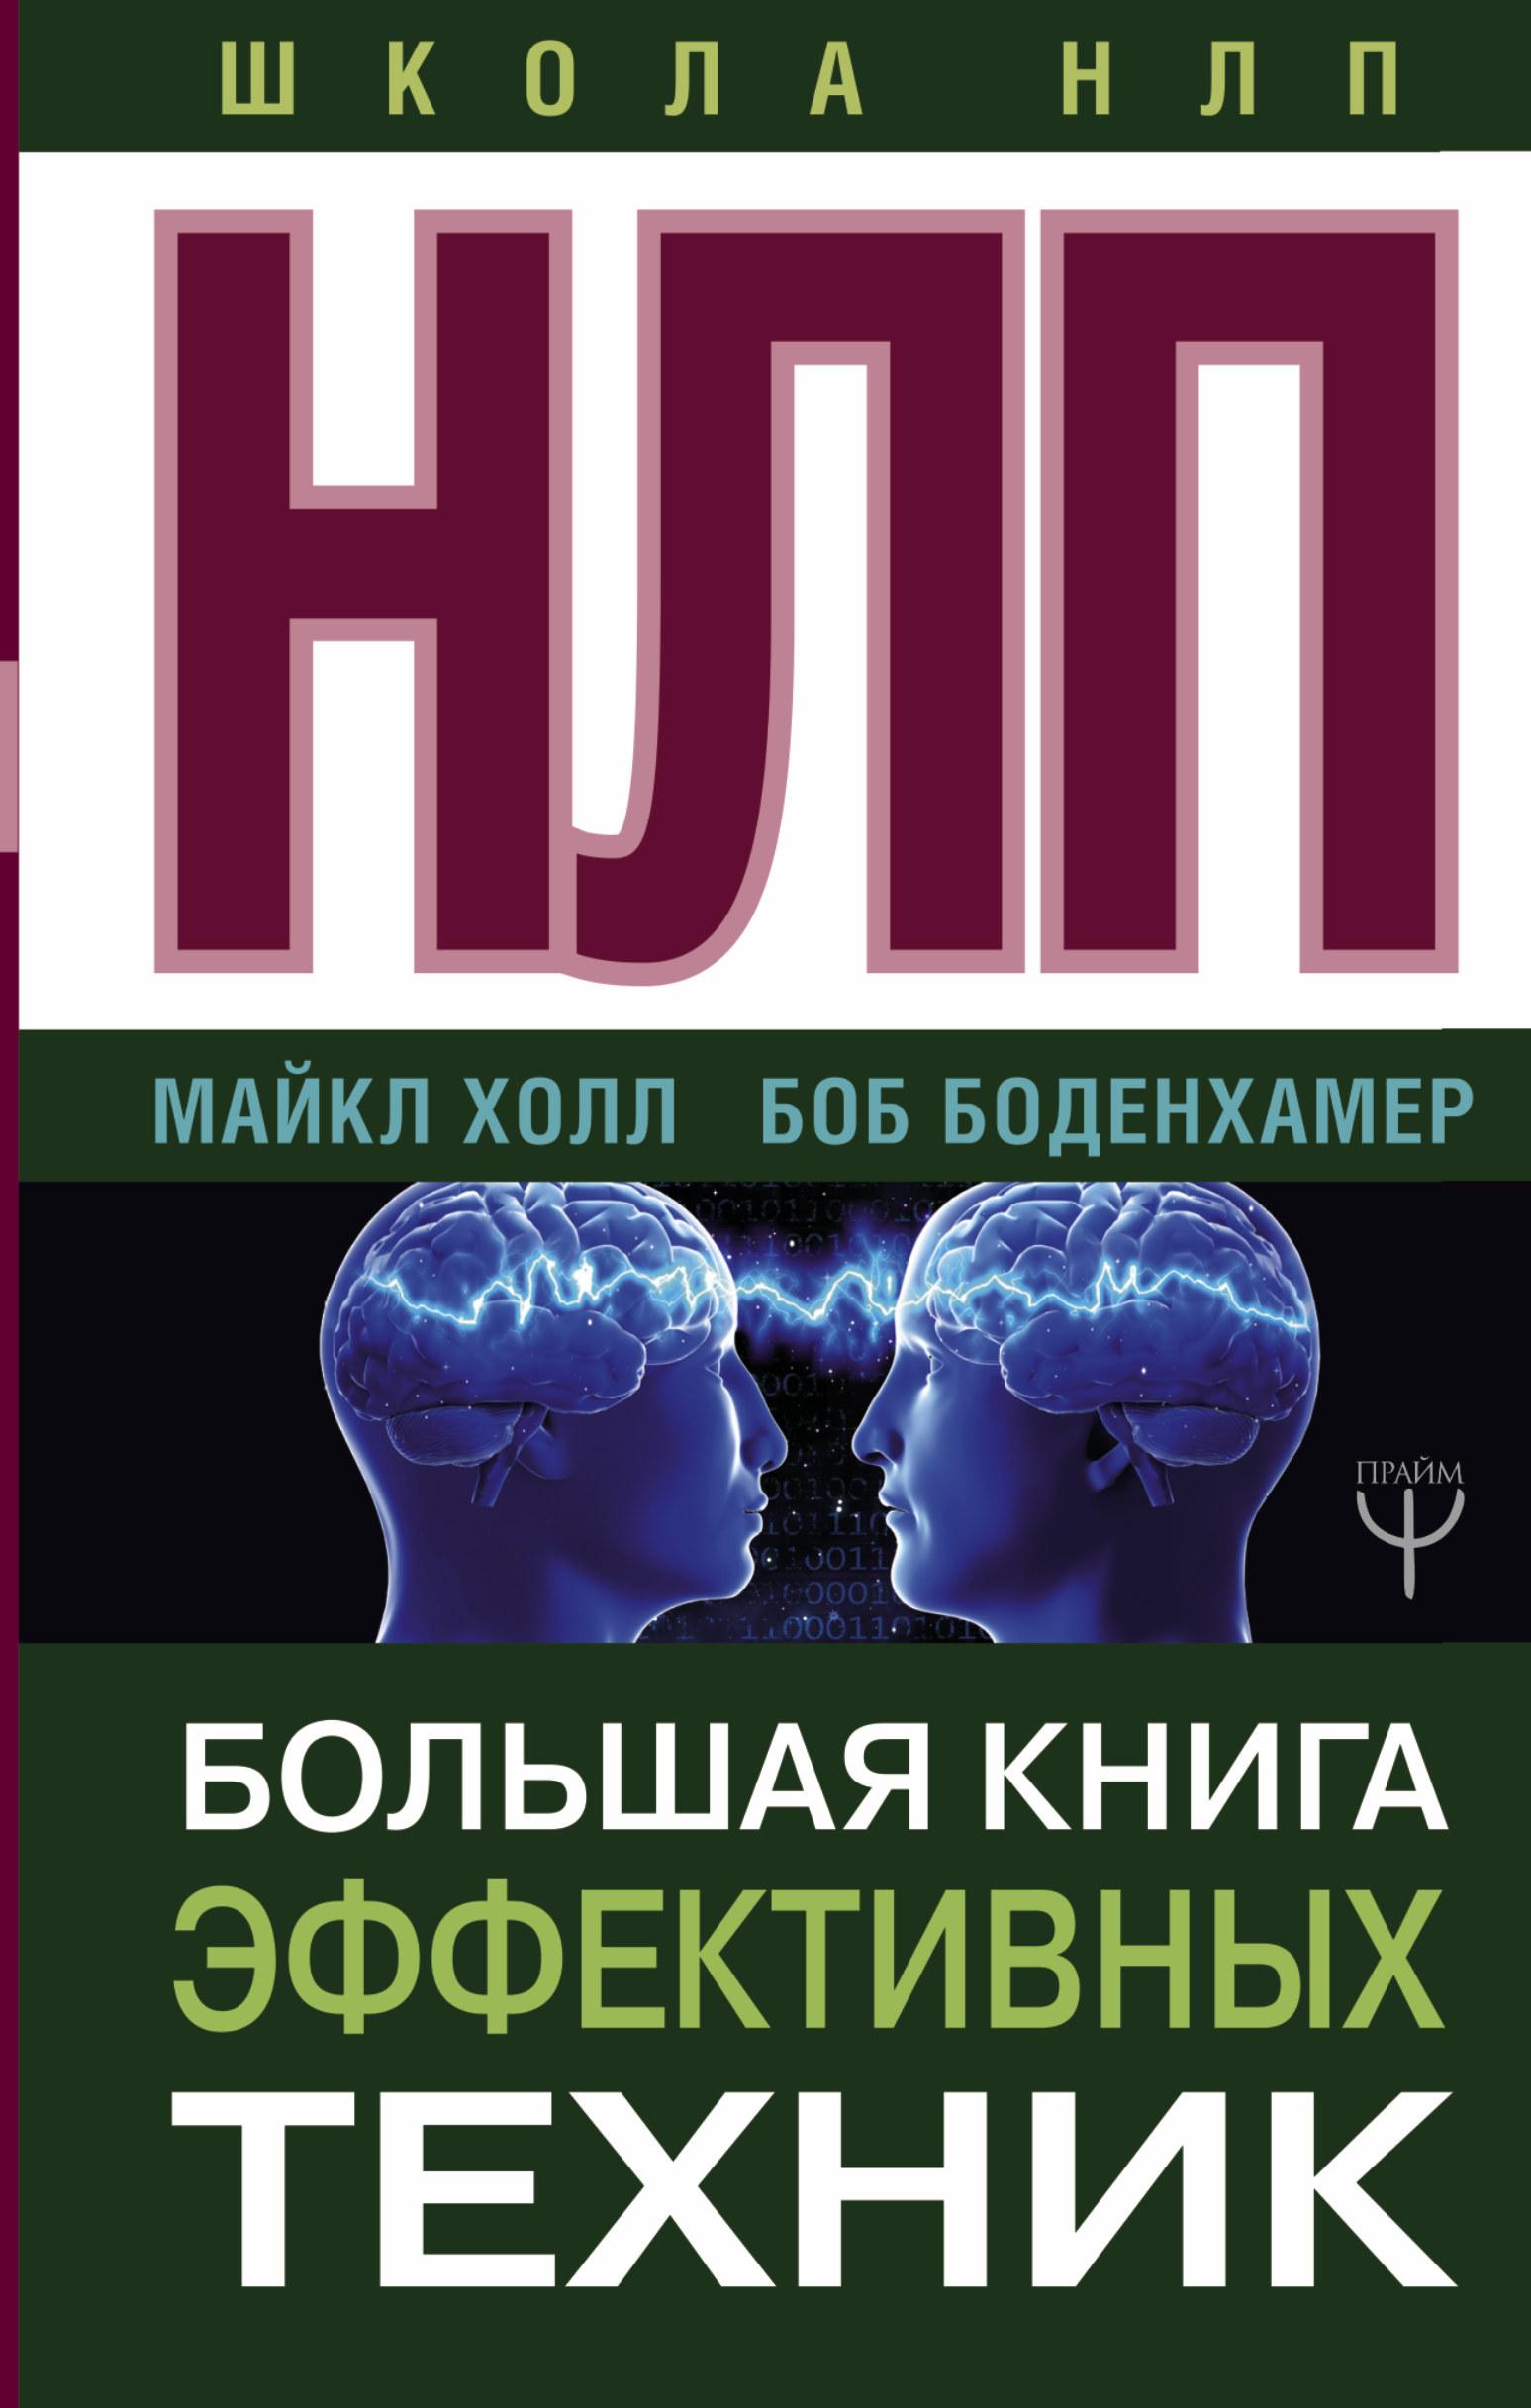 Боб Г. Боденхамер НЛП. Большая книга эффективных техник